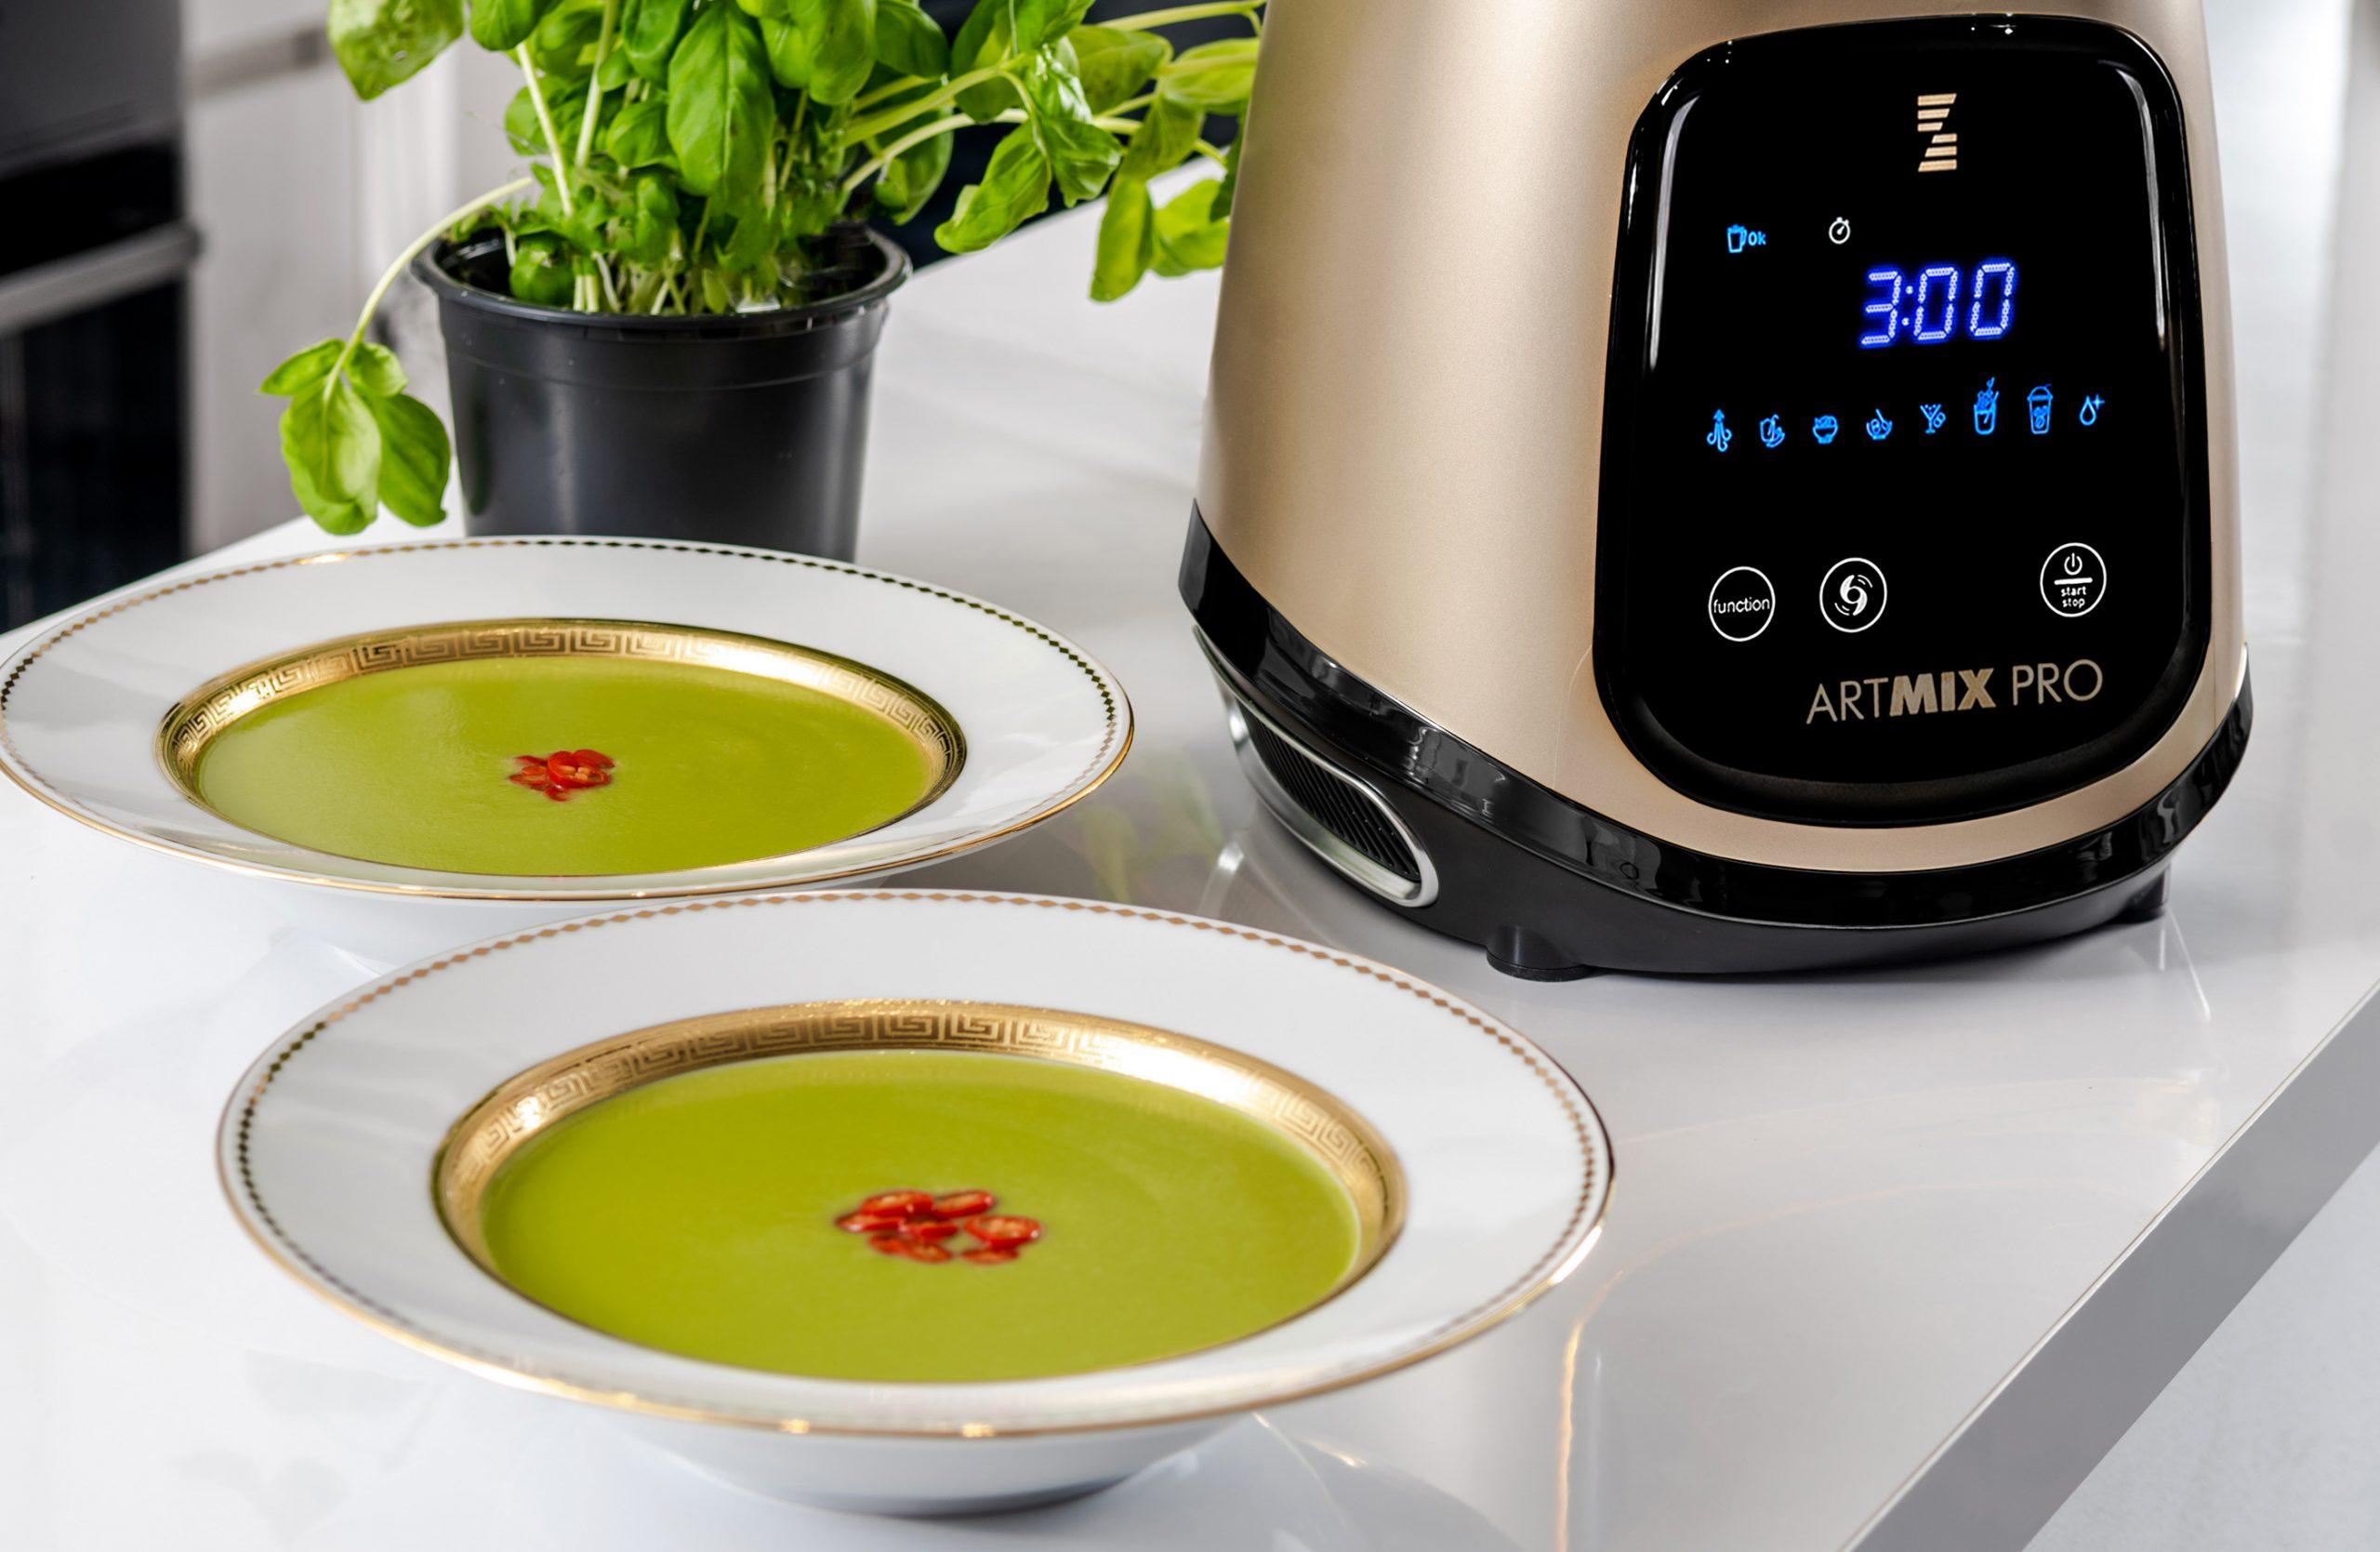 Recept na nejlepší polévku získáte spolu s varným mixérem ARTMIX PRO